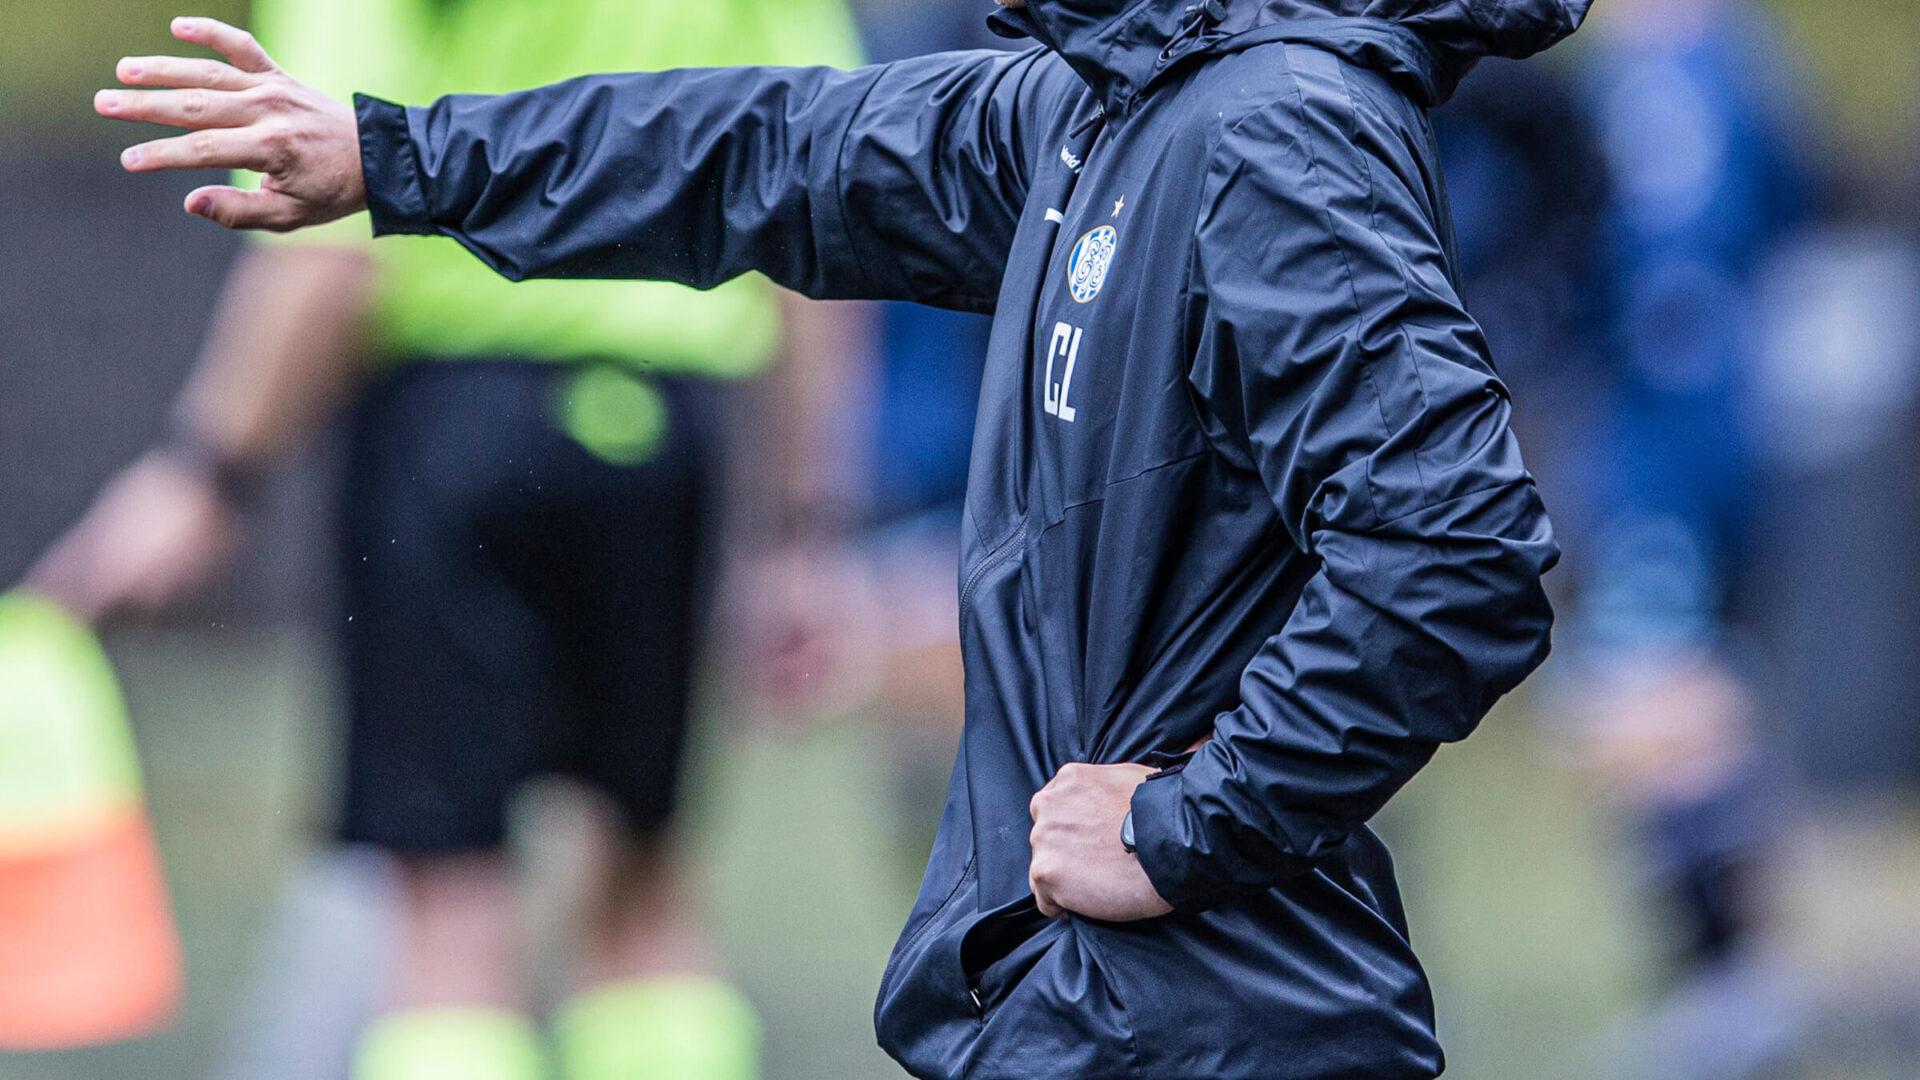 Trænere søges til Sydvestjysk Fodbold Samarbejde